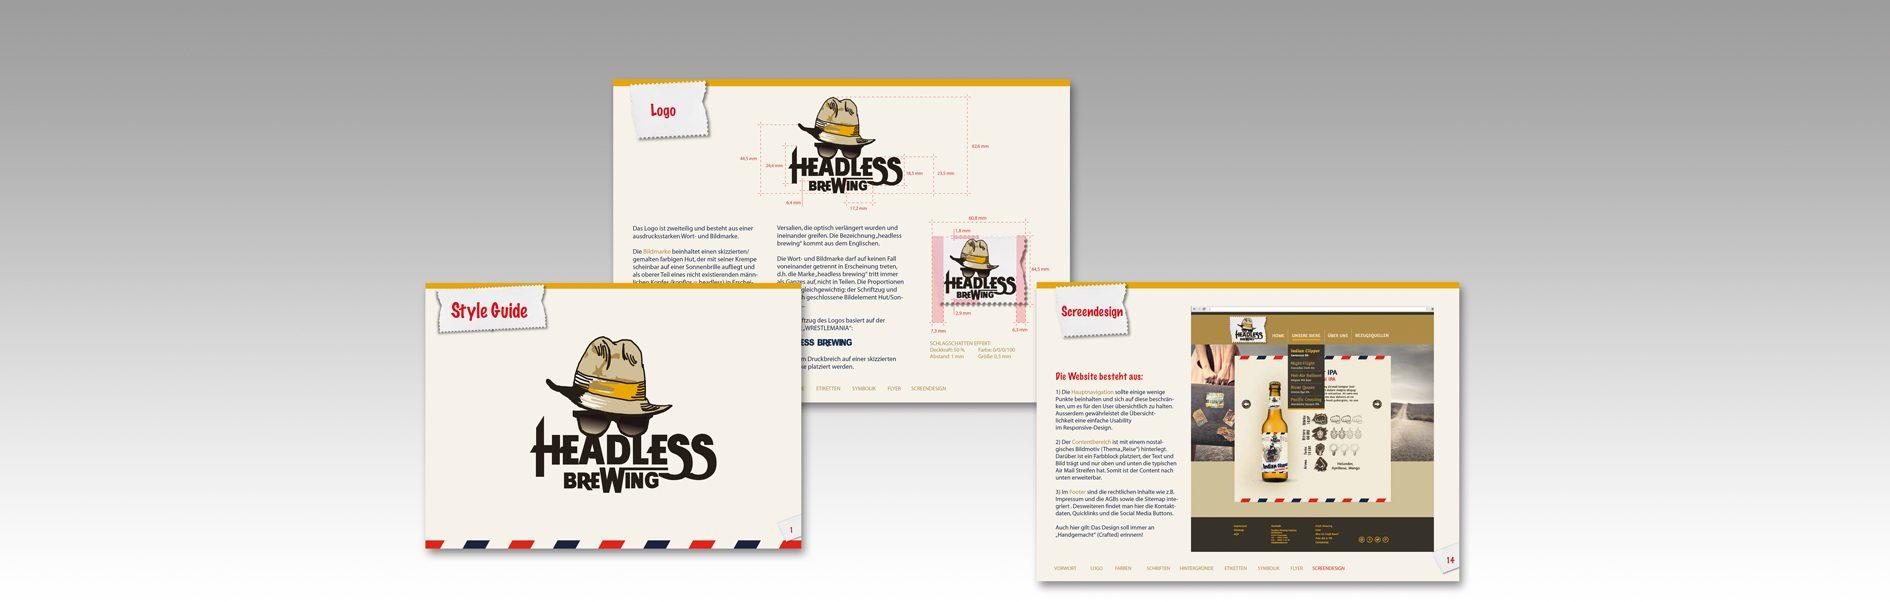 Hier sind 3 Beispielseite des Headless Brewing Style Guides abgebildet.